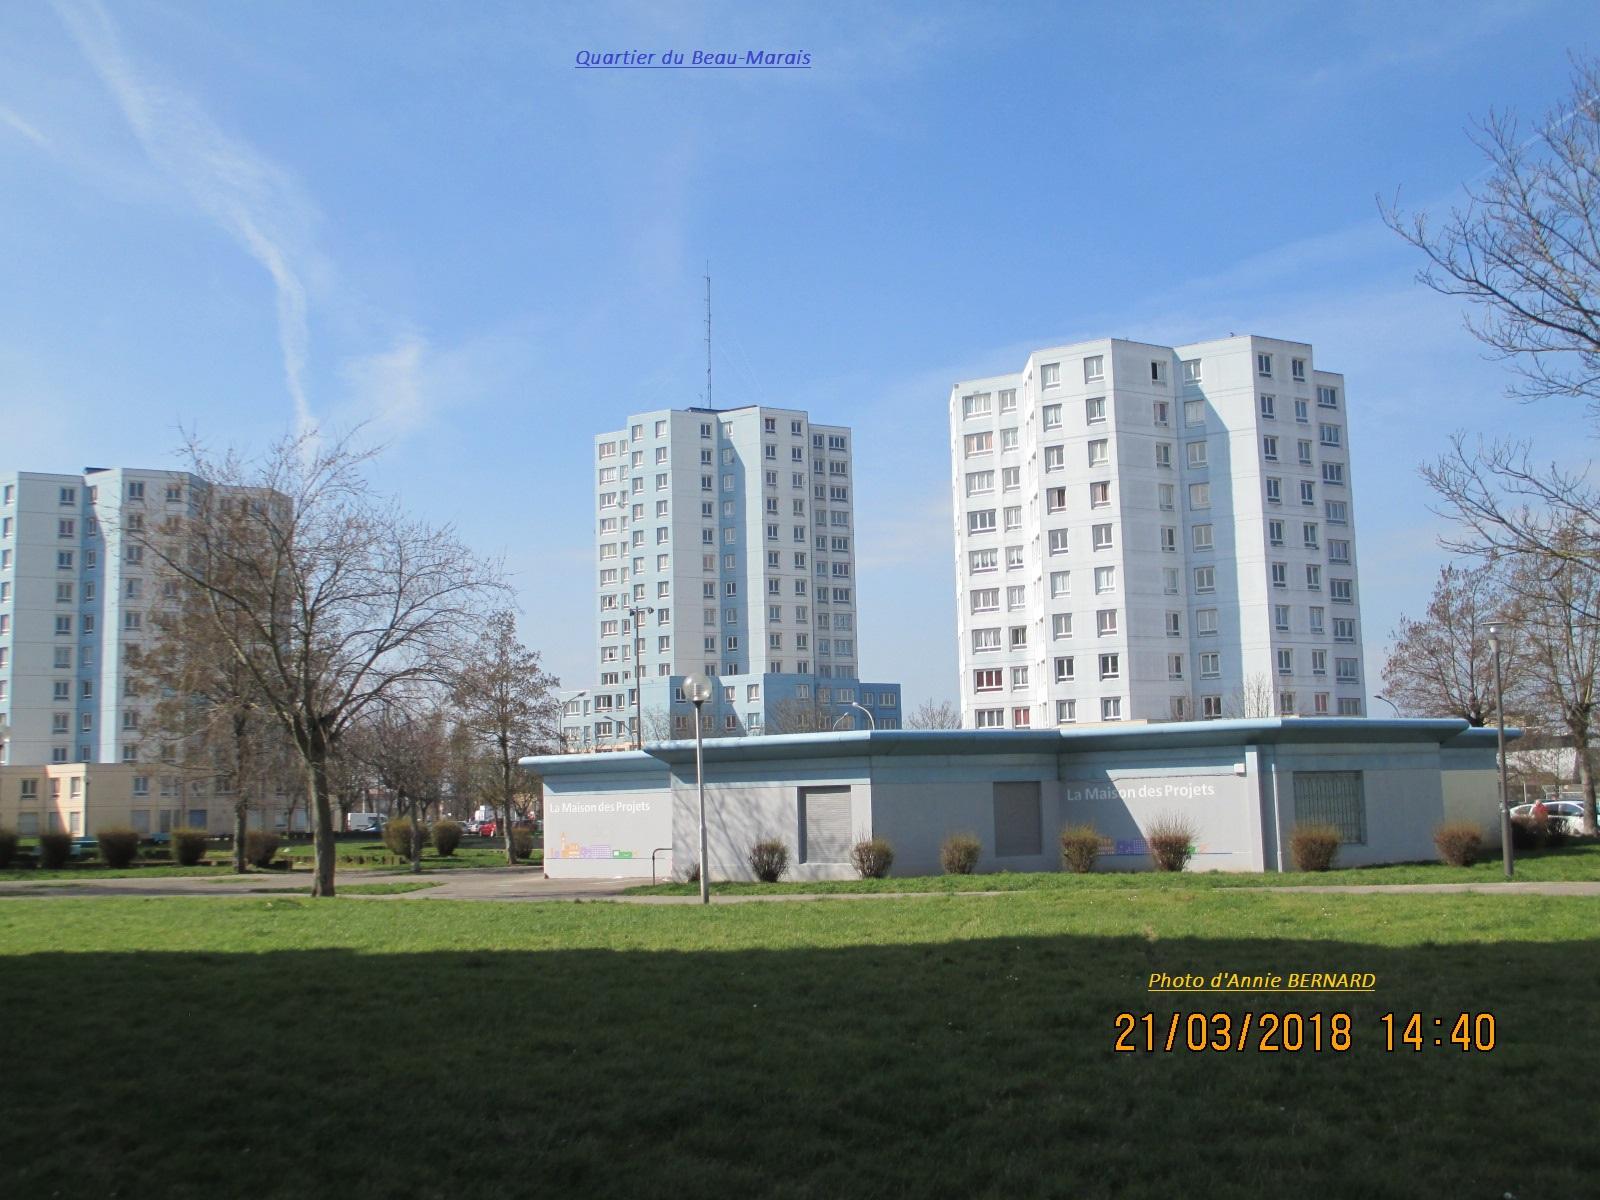 Quartier du Beau-Marais et la Maison des Projets